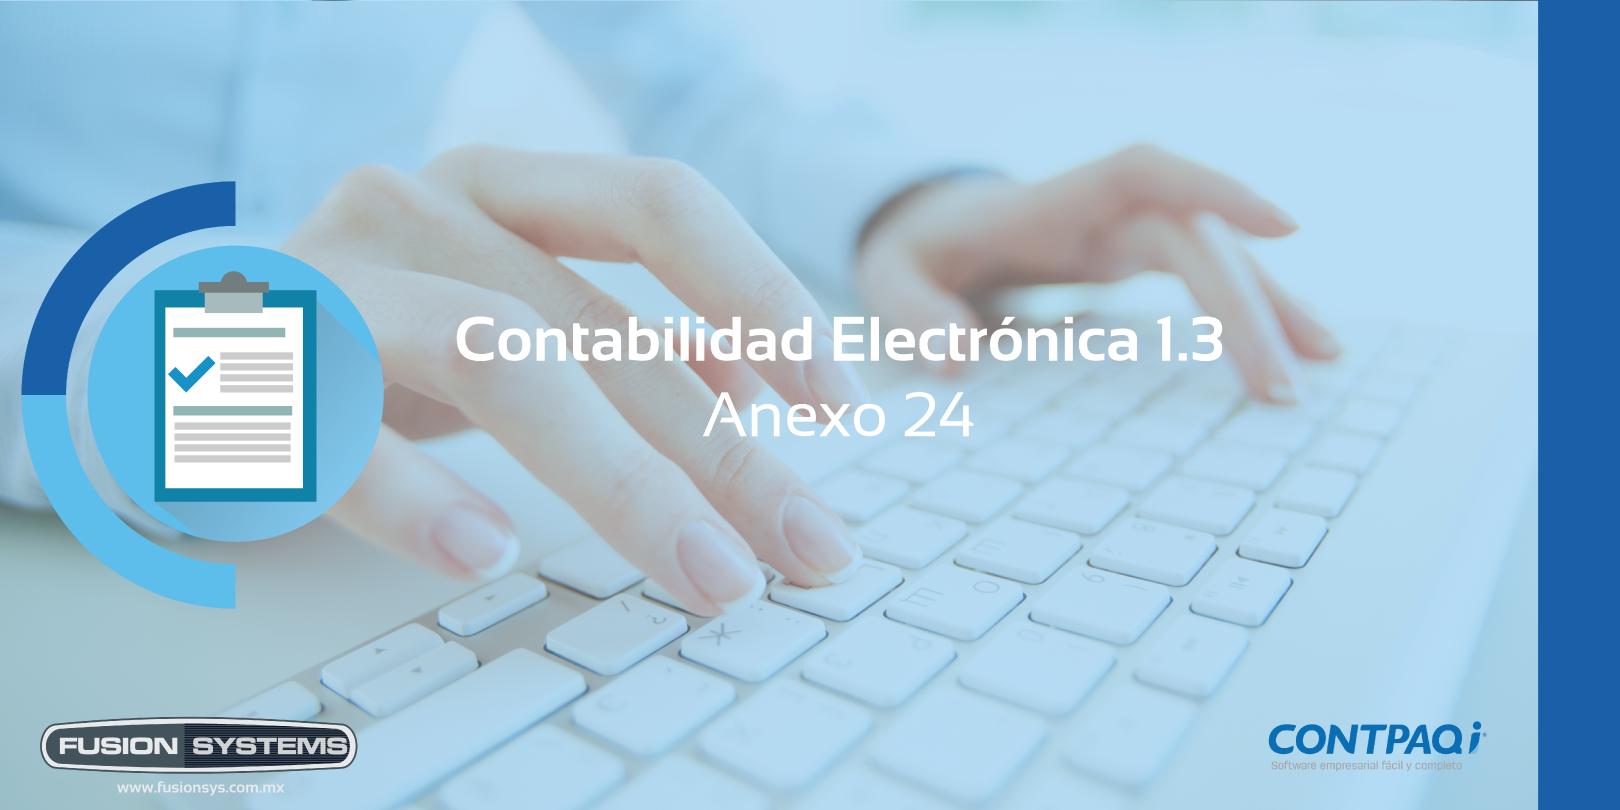 Contabilidad Electronica 1.3